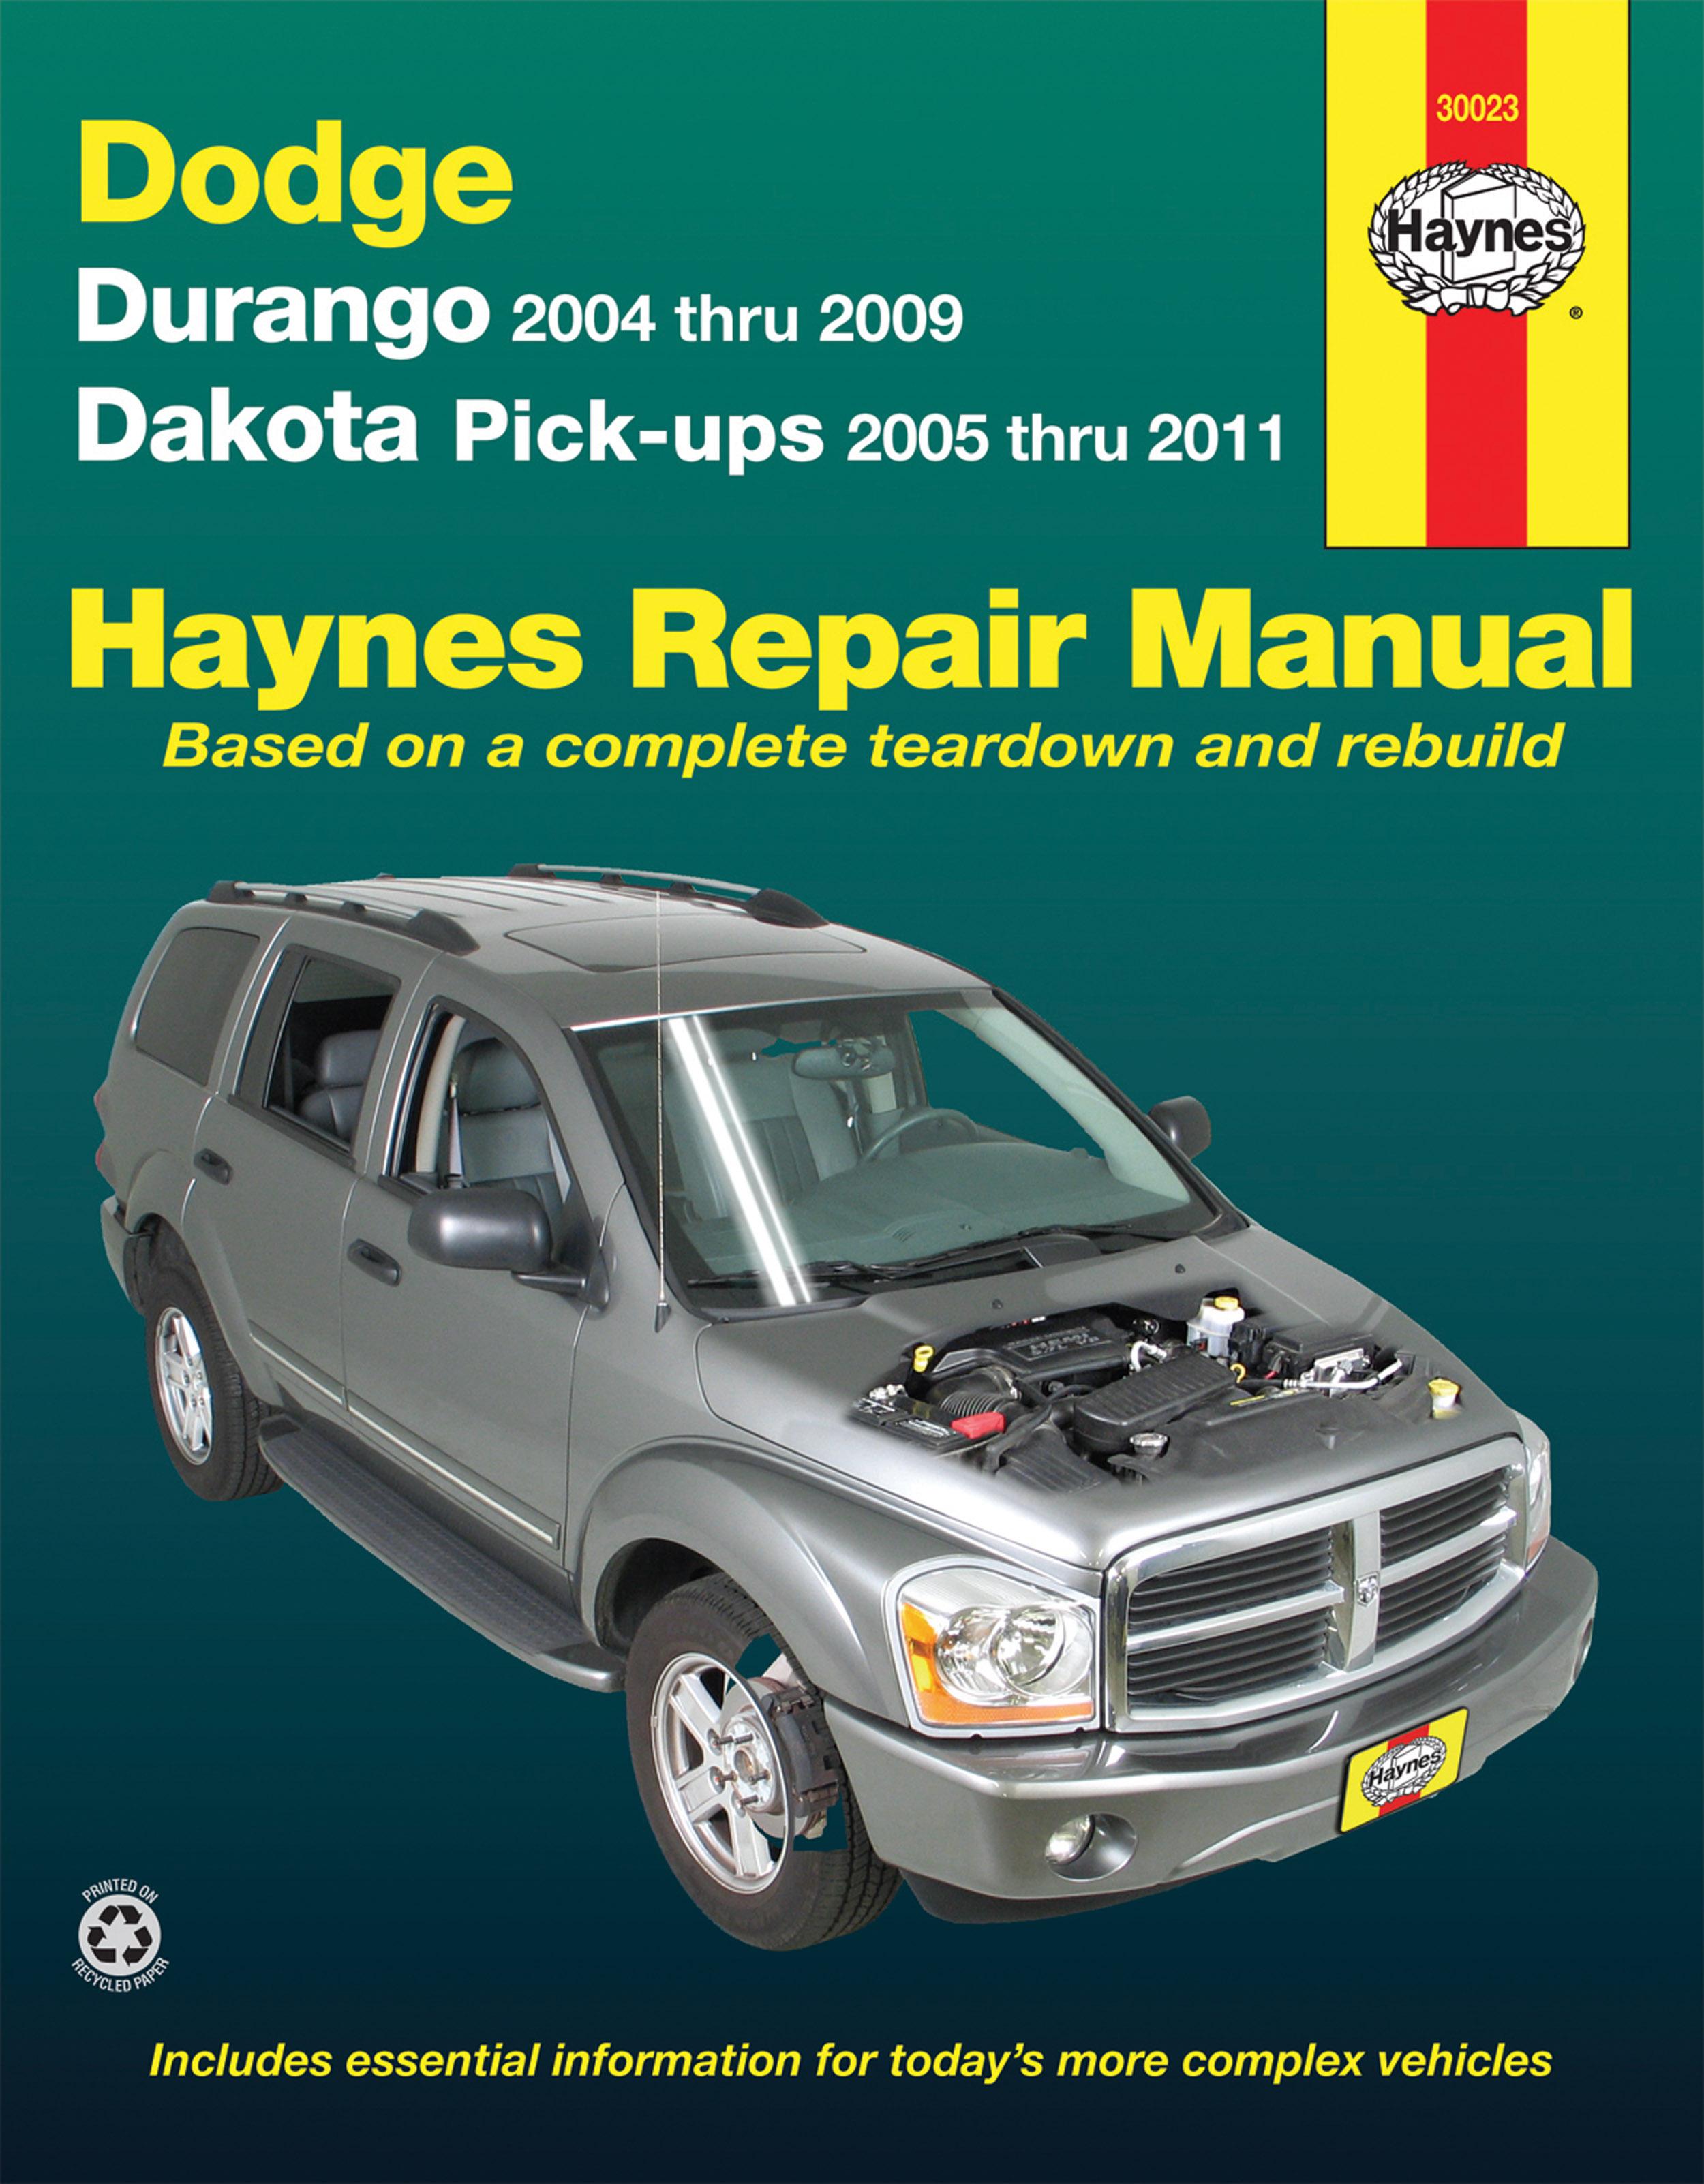 Dodge Dakota Repair Manual Pdf Free